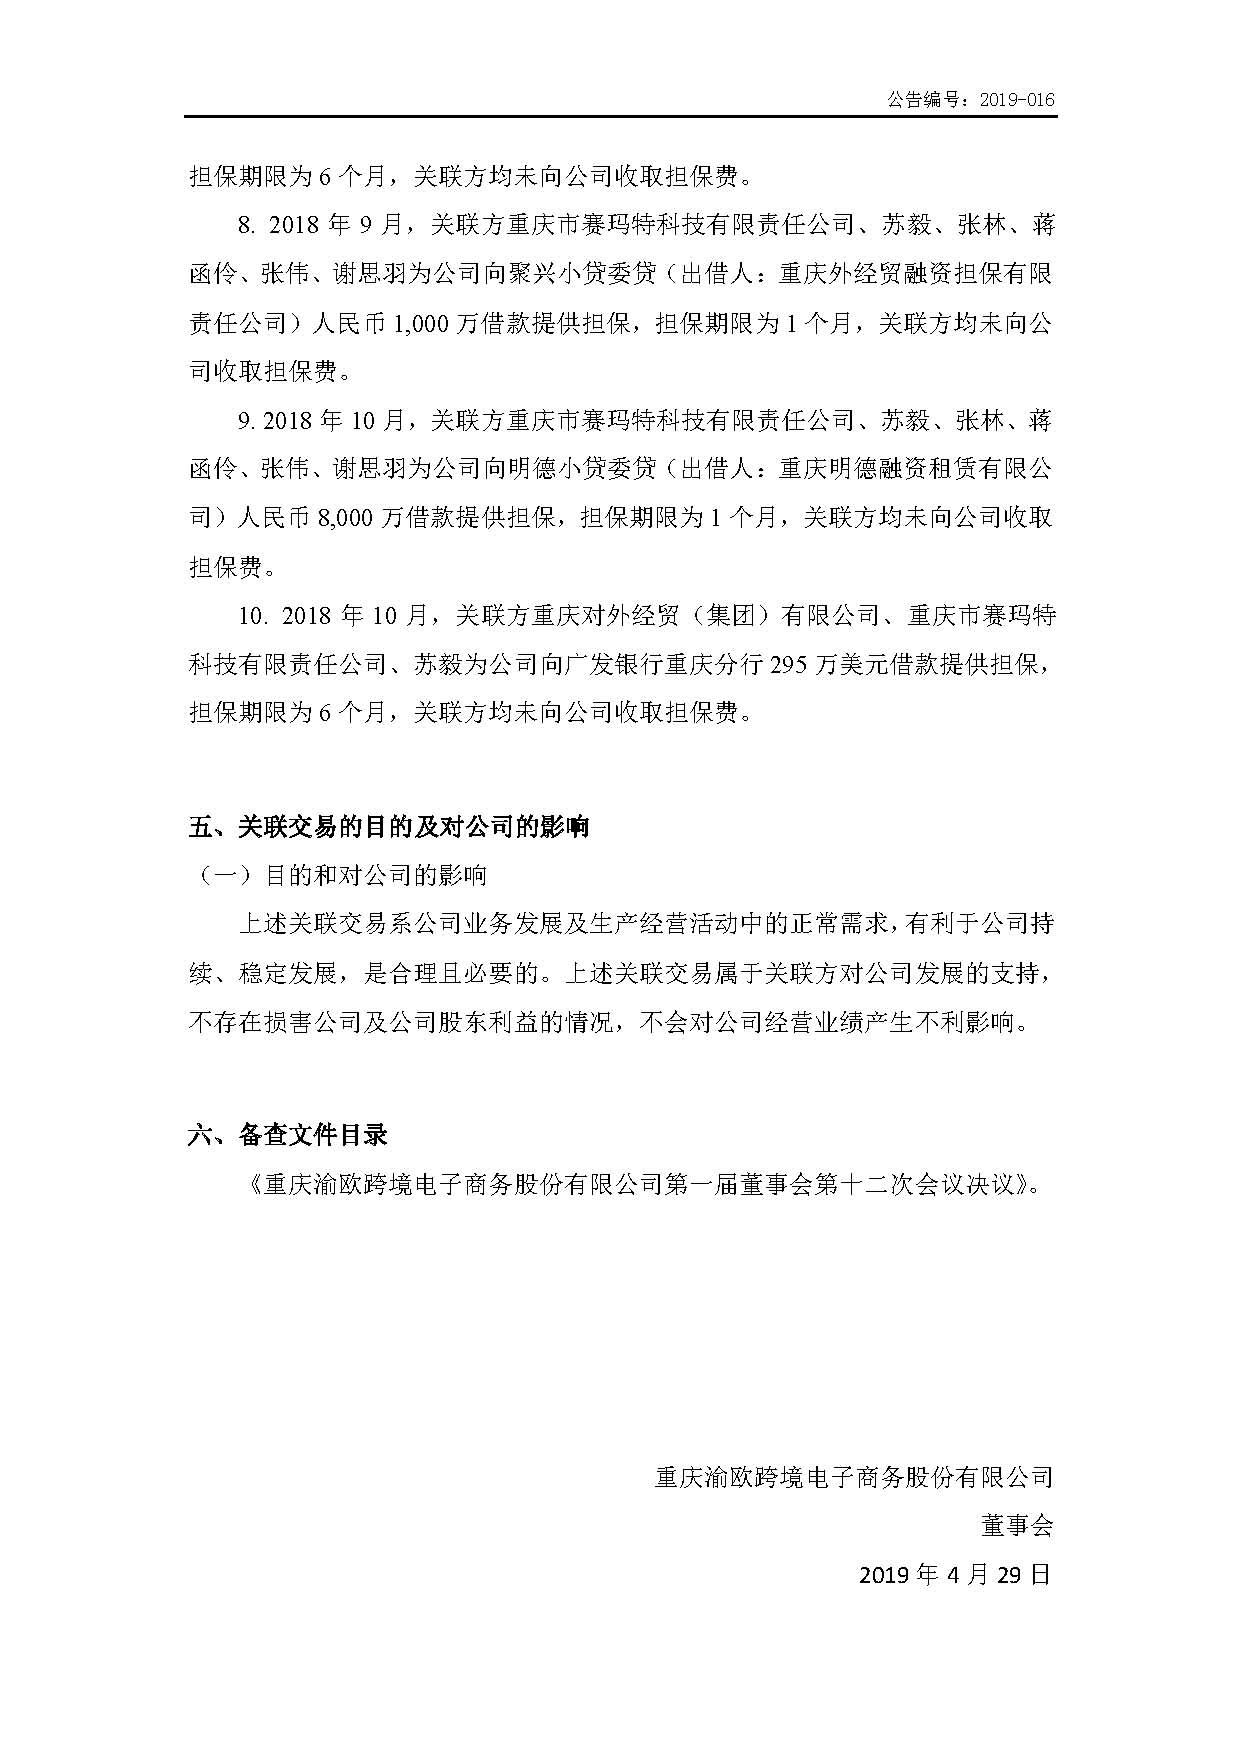 关于补充确认2018年偶发性关联交易的公告_页面_11